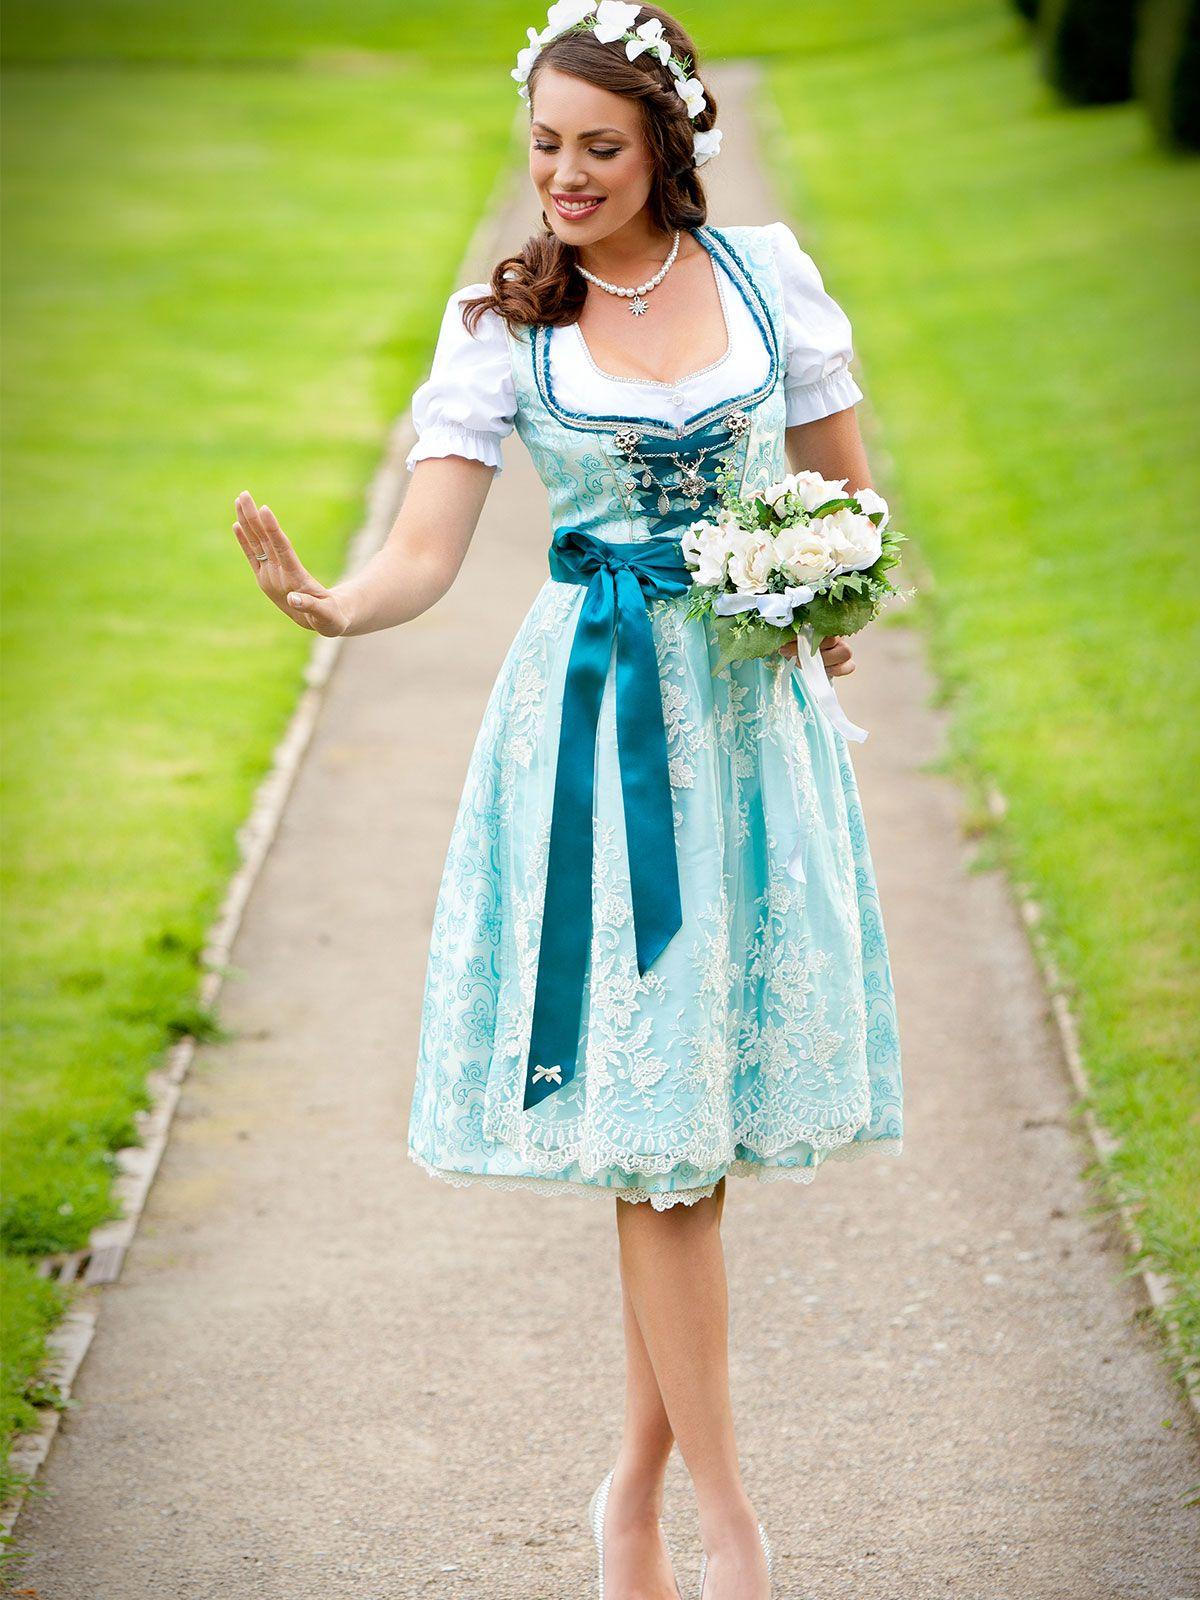 Hochzeitsdirndl Blau Von Alpenherz Modell Tiffany Dirndl Dirndl Trachten Blaues Dirndl